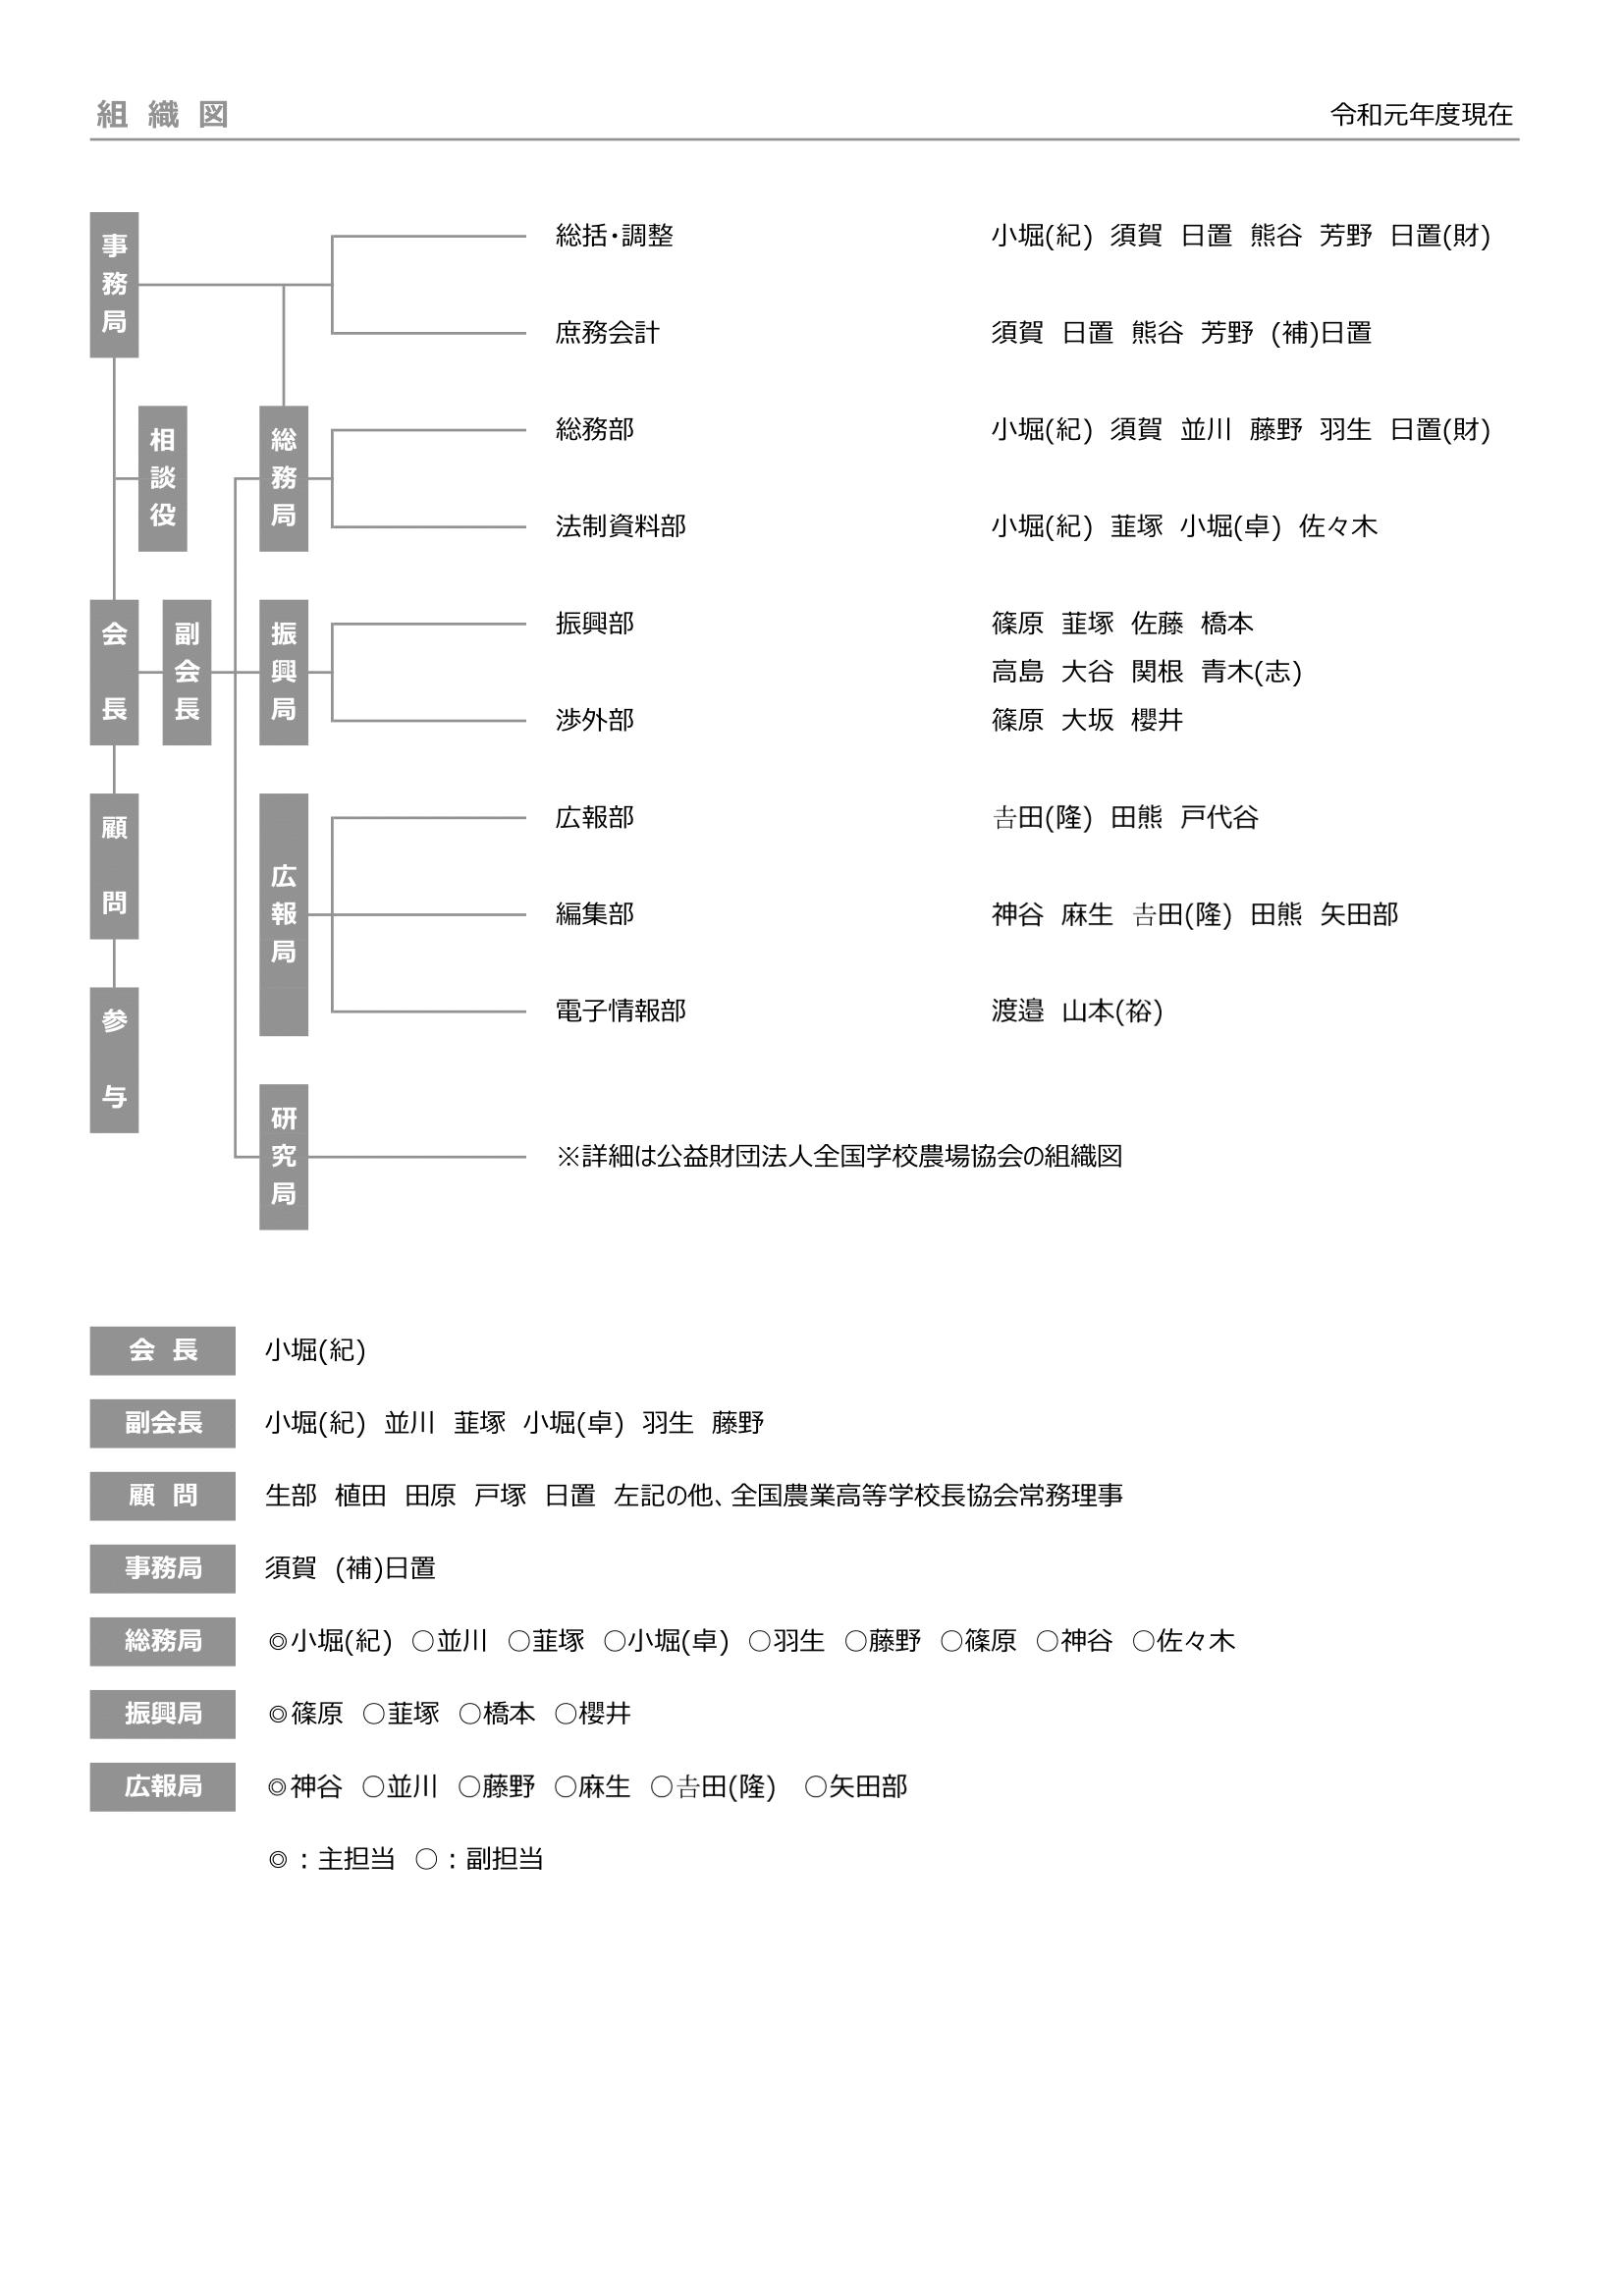 令和元年度組織図